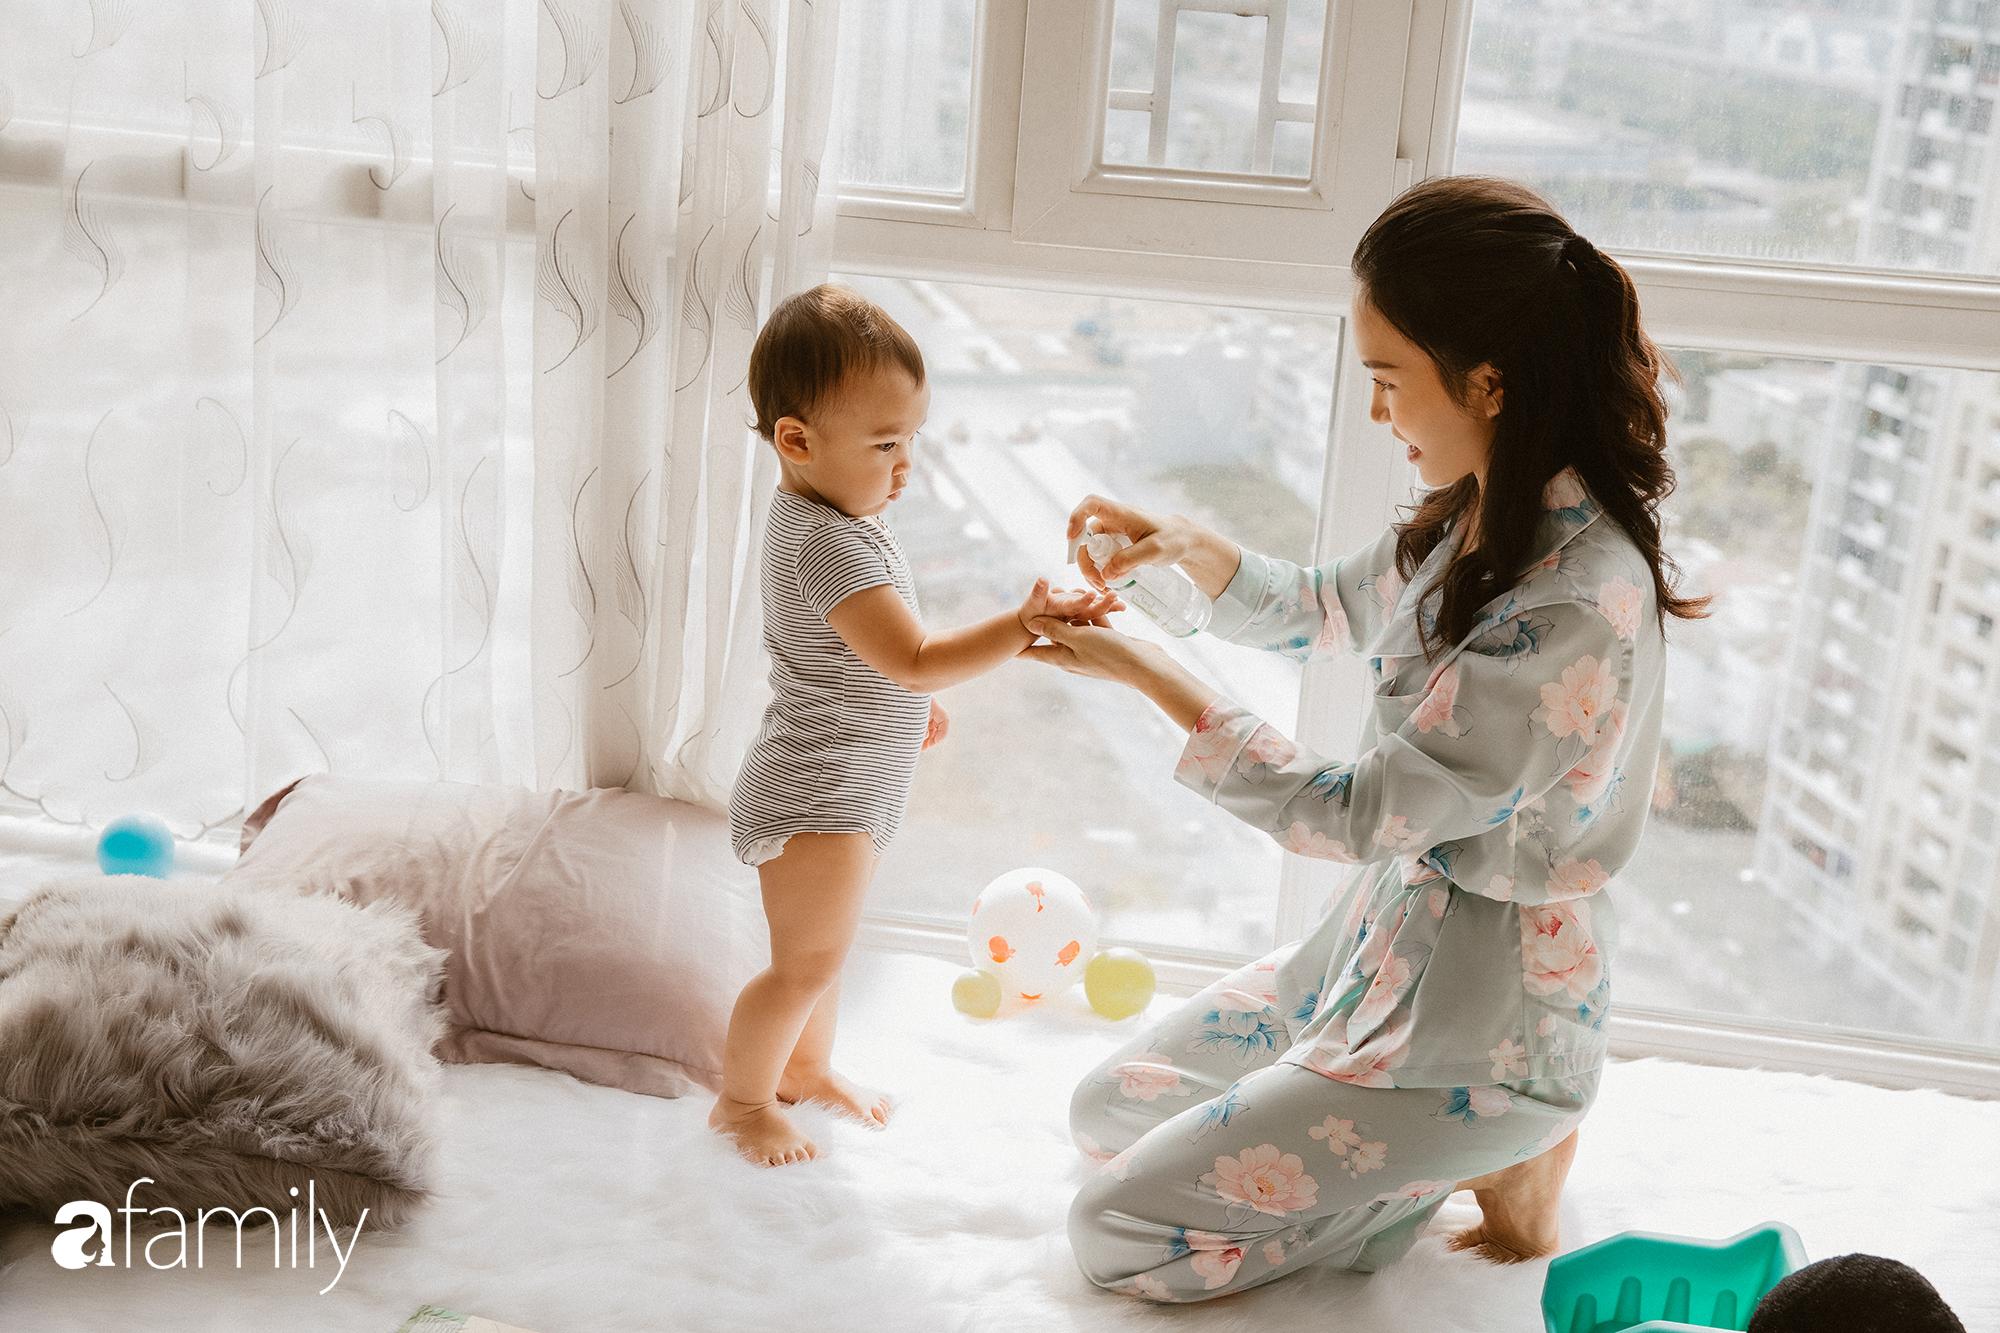 """Hot mom và nữ CEO chia sẻ cuộc sống sau gần 1 tháng cách ly """"thông minh"""" tại nhà cùng con nhỏ và sự chuẩn bị để trở lại cuộc sống hậu dịch - Ảnh 1."""